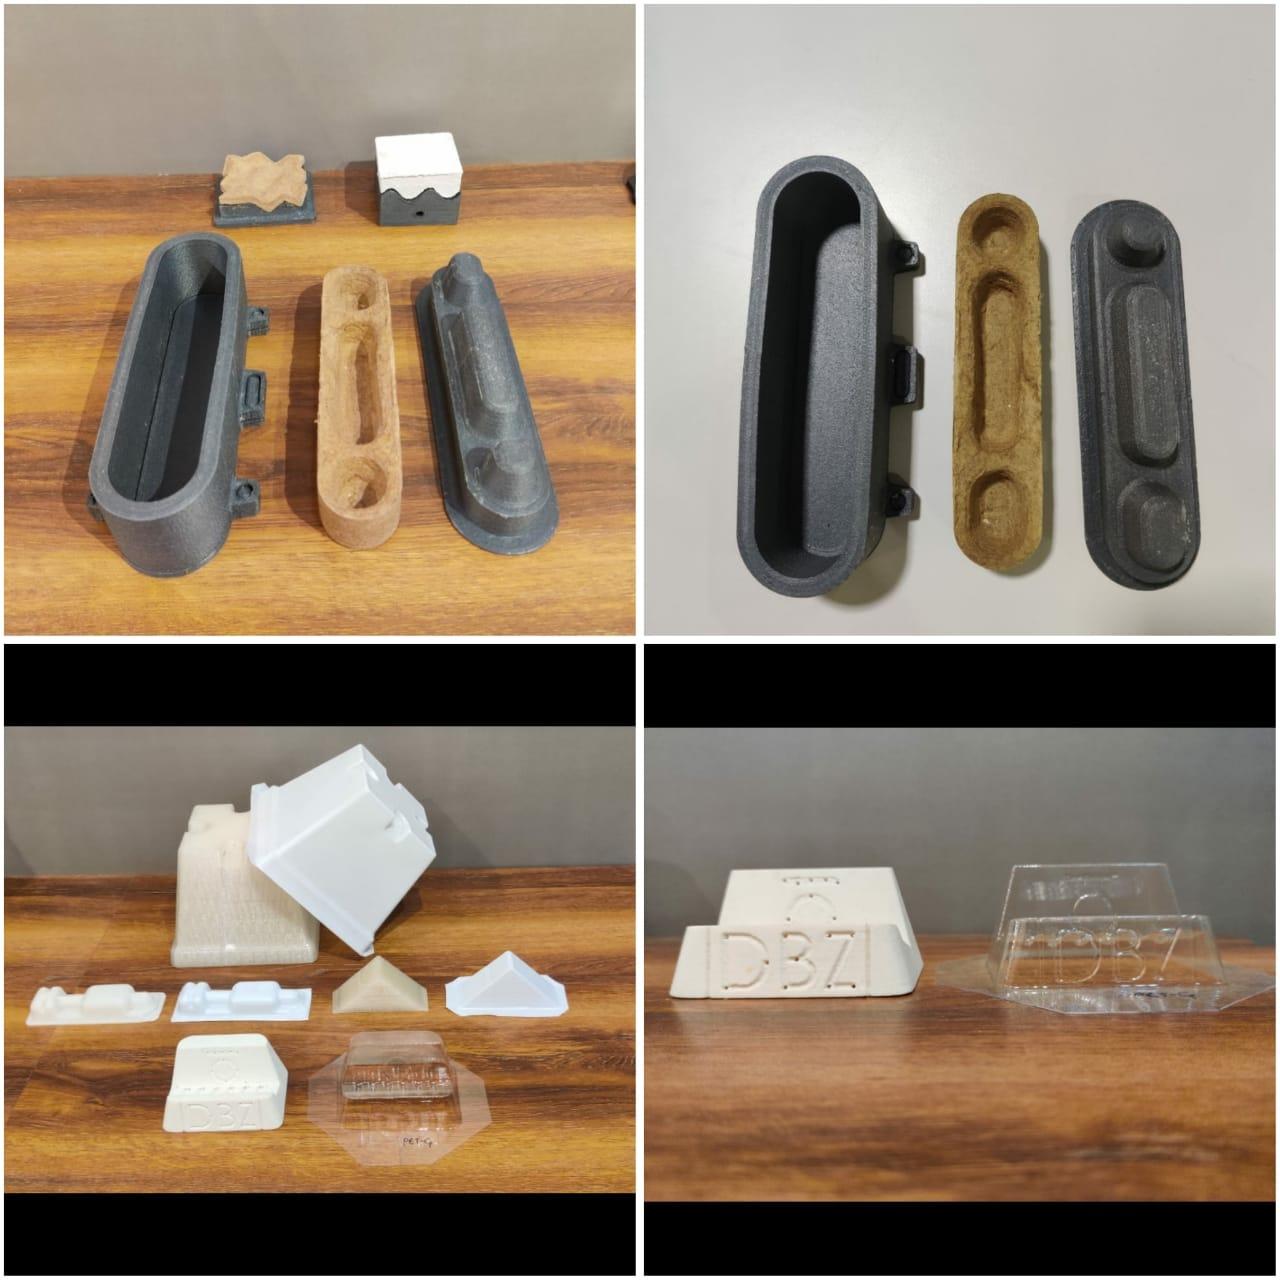 3d printing in packaging